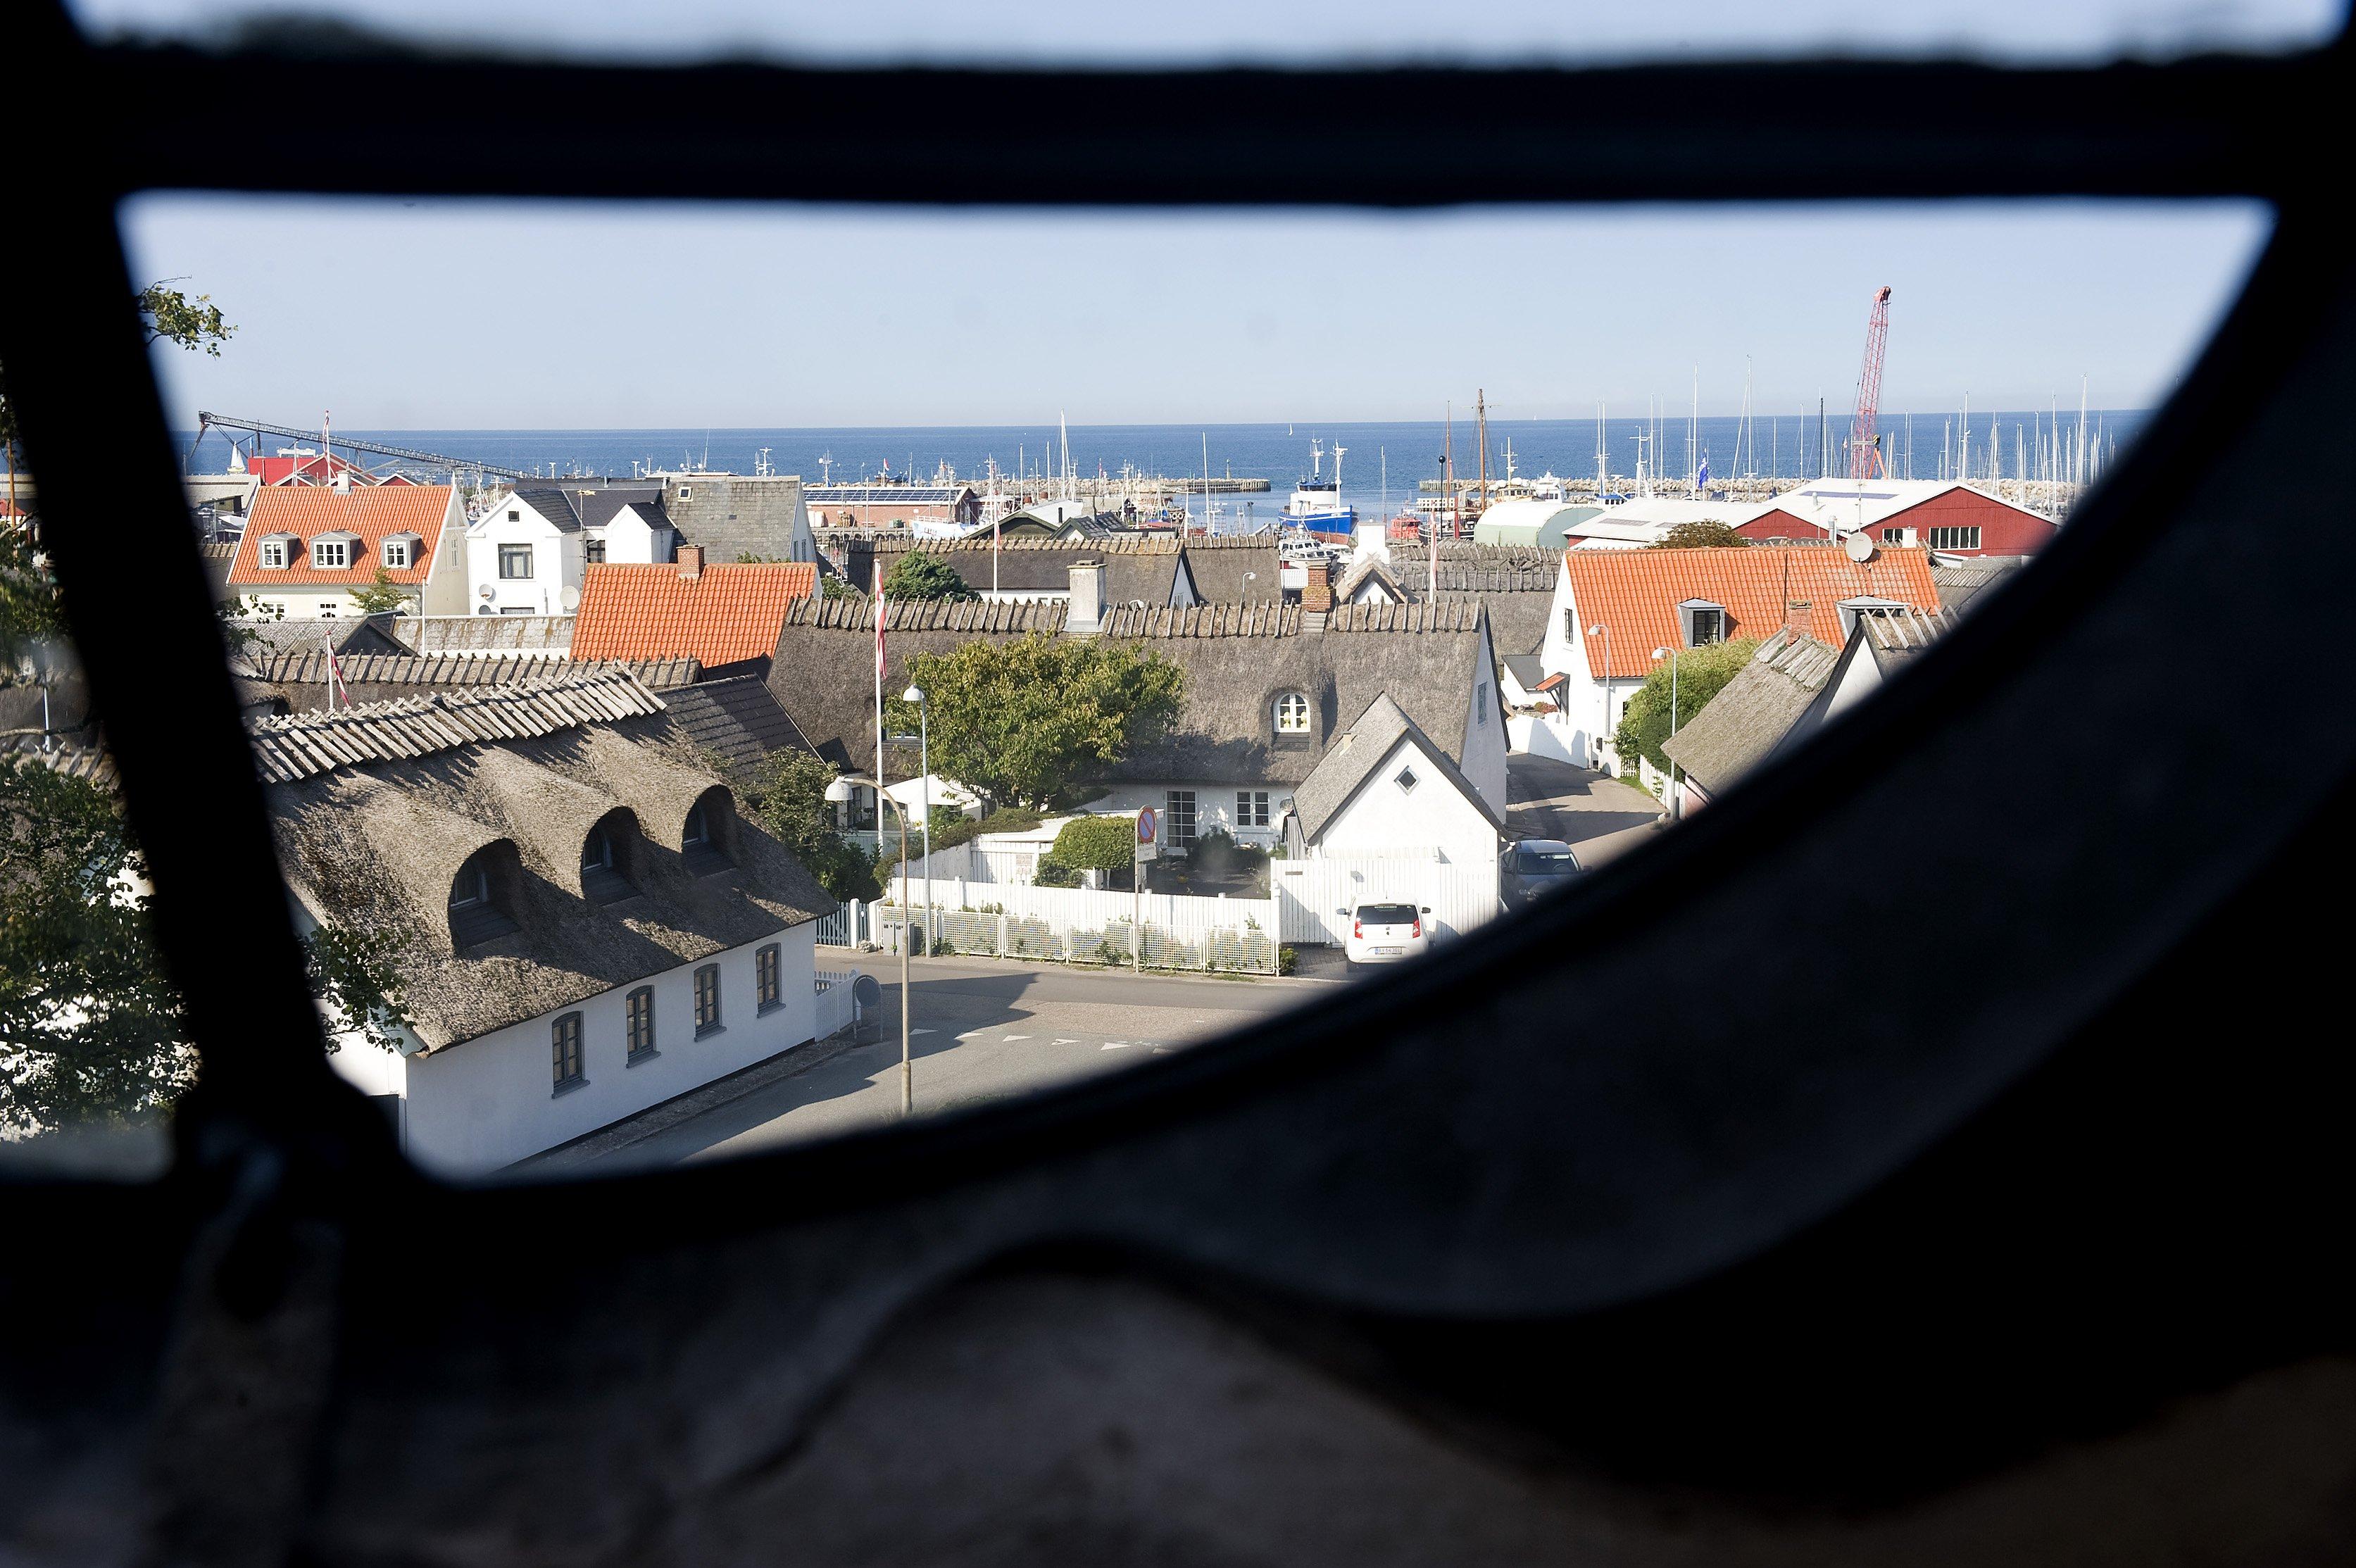 Mange jøder ankom i efteråret 1943 til Gilleleje, da der gik rygter om, at man herfra kunne komme med både til Sverige. Udover kirken hjalp mange lokale borgere i havnebyen til.